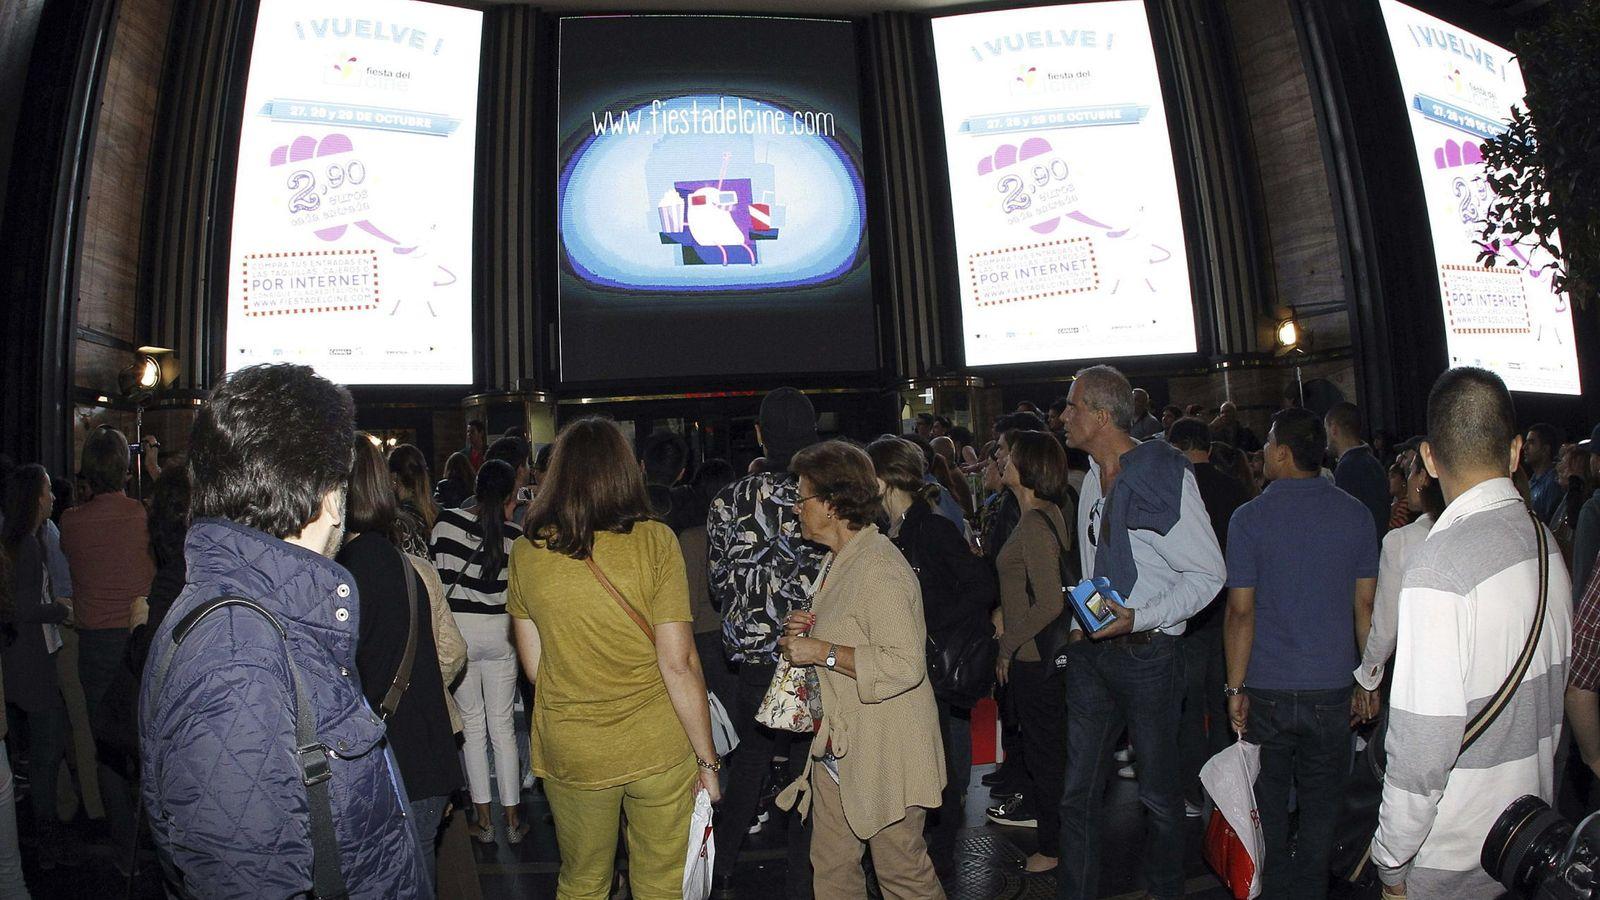 Foto: Colas en la Fiesta del cine del año pasado (EFE)